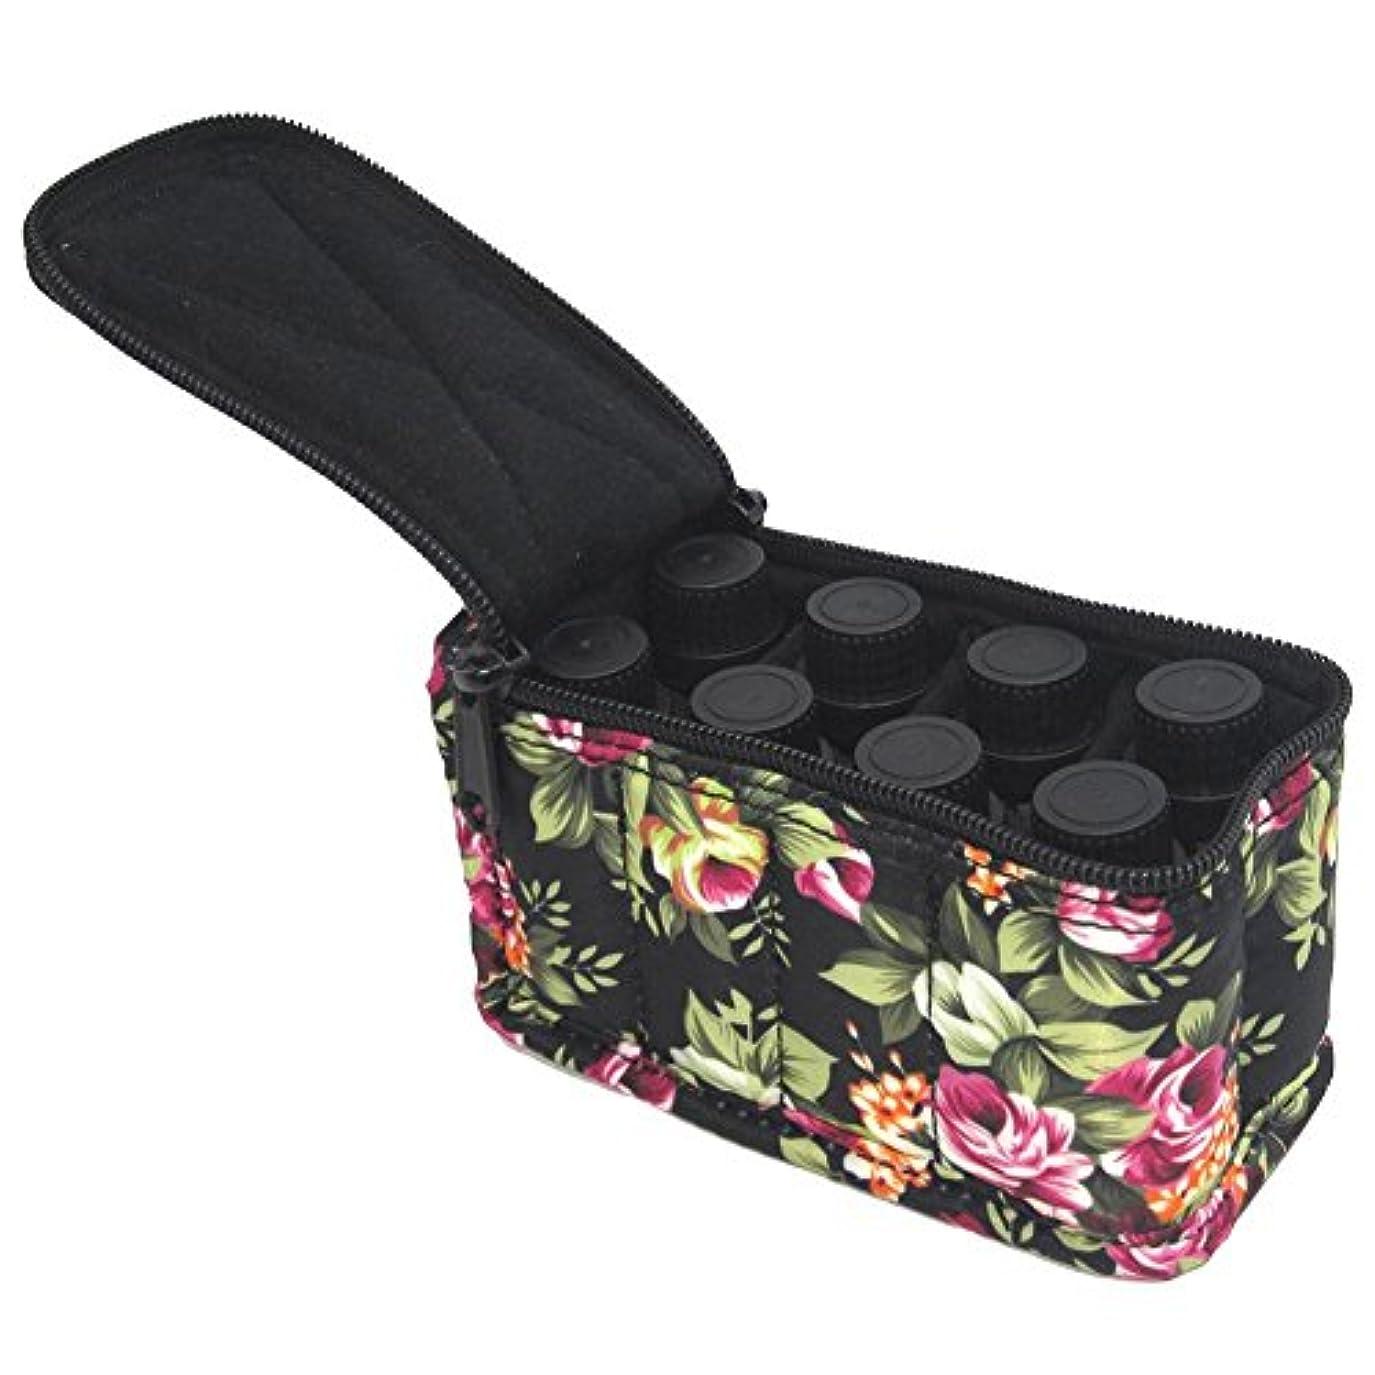 振る舞う是正する無礼にPursue エッセンシャルオイル収納ケース アロマオイル収納ボックス アロマポーチ収納ケース 耐震 携帯便利 香水収納ポーチ 化粧ポーチ 8本用